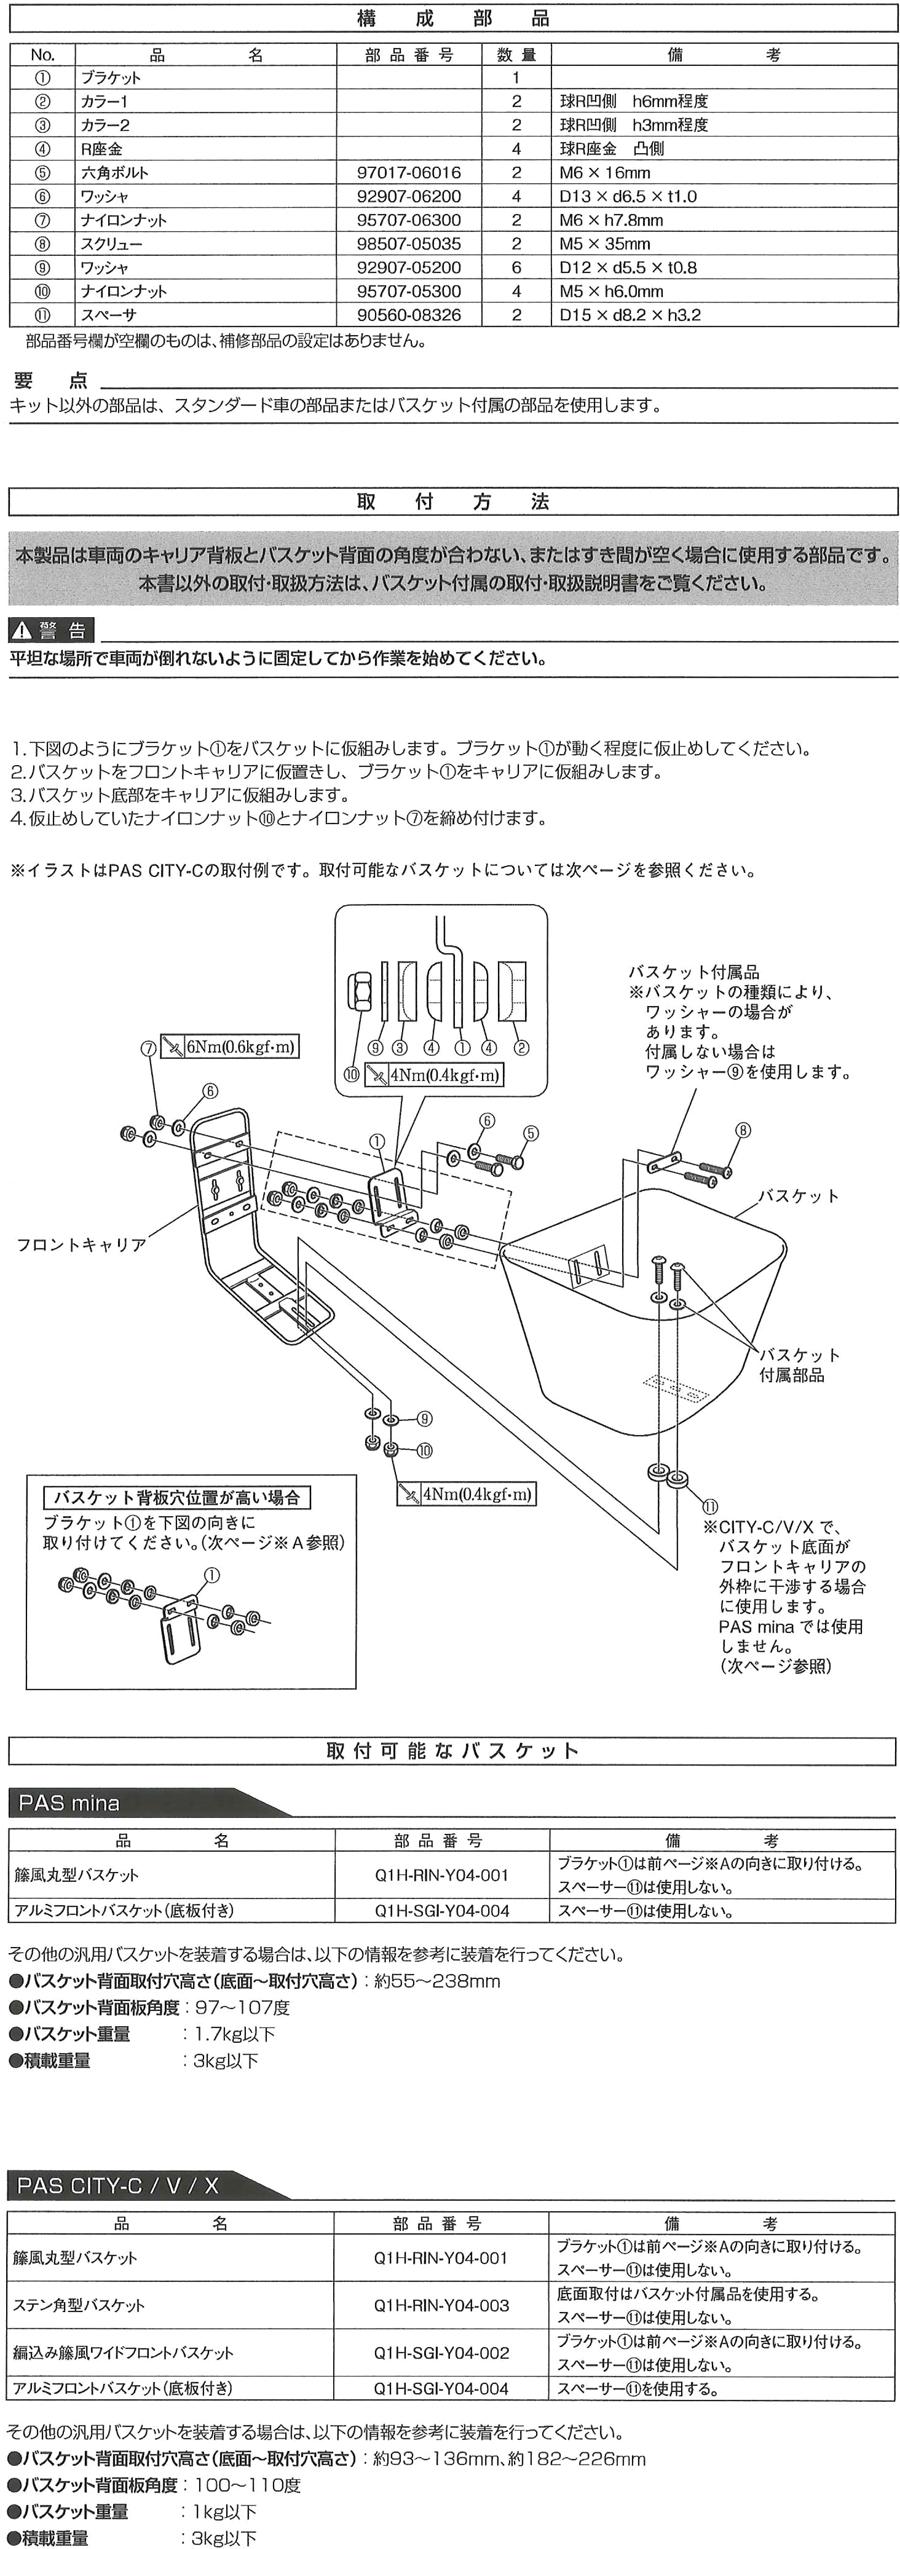 バスケット汎用ステーセット [Q5K-YSK-051-P24]